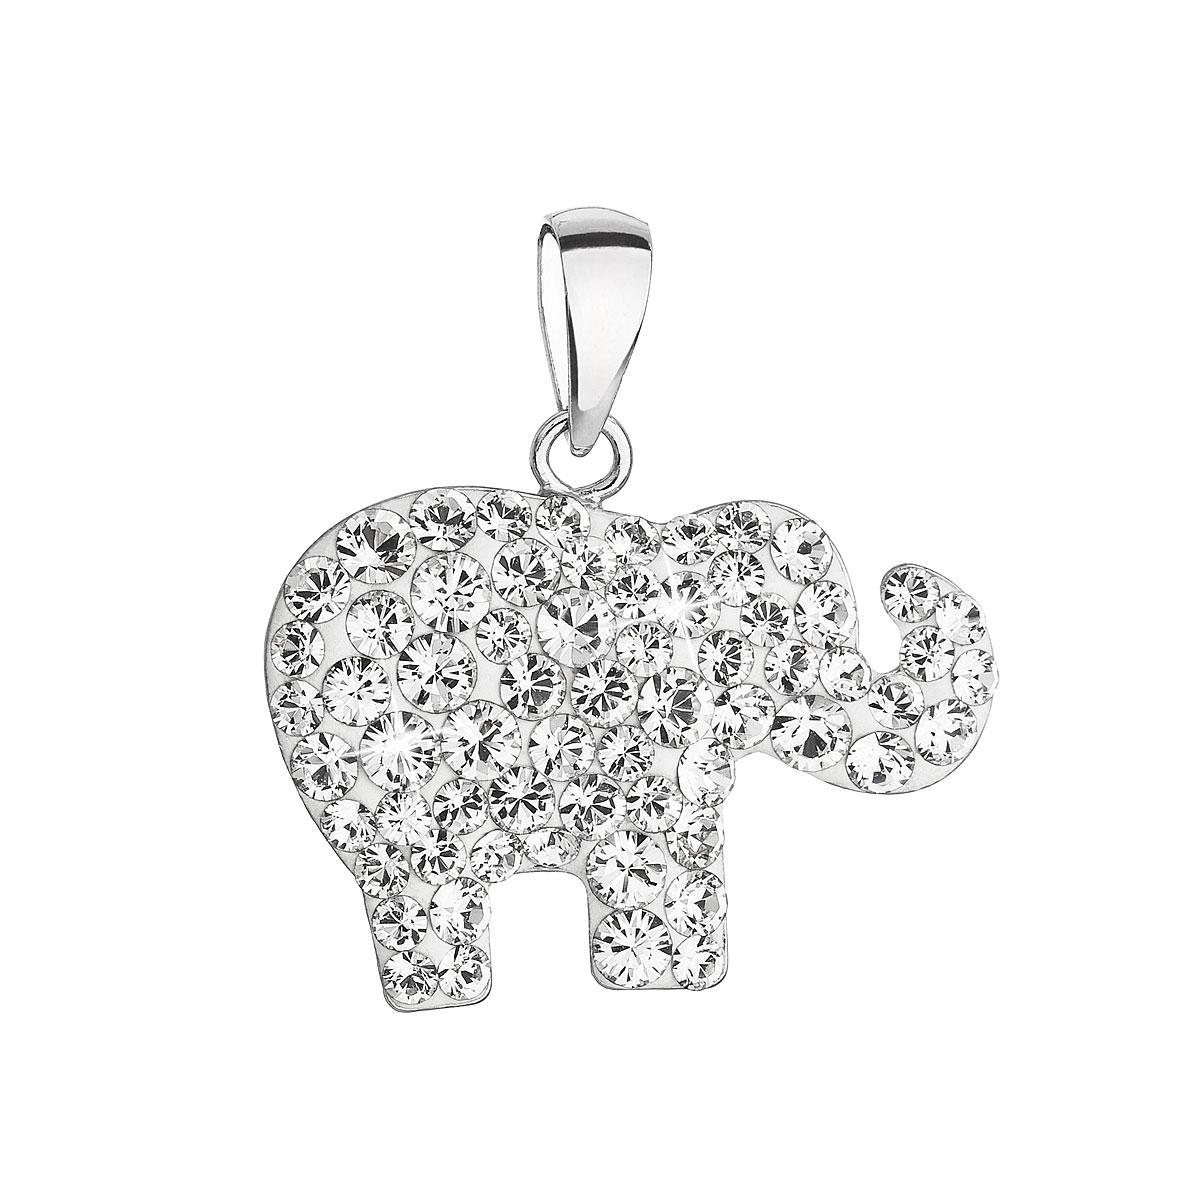 Evolution Group Stříbrný přívěsek s krystaly Swarovski bílý slon 34247.1